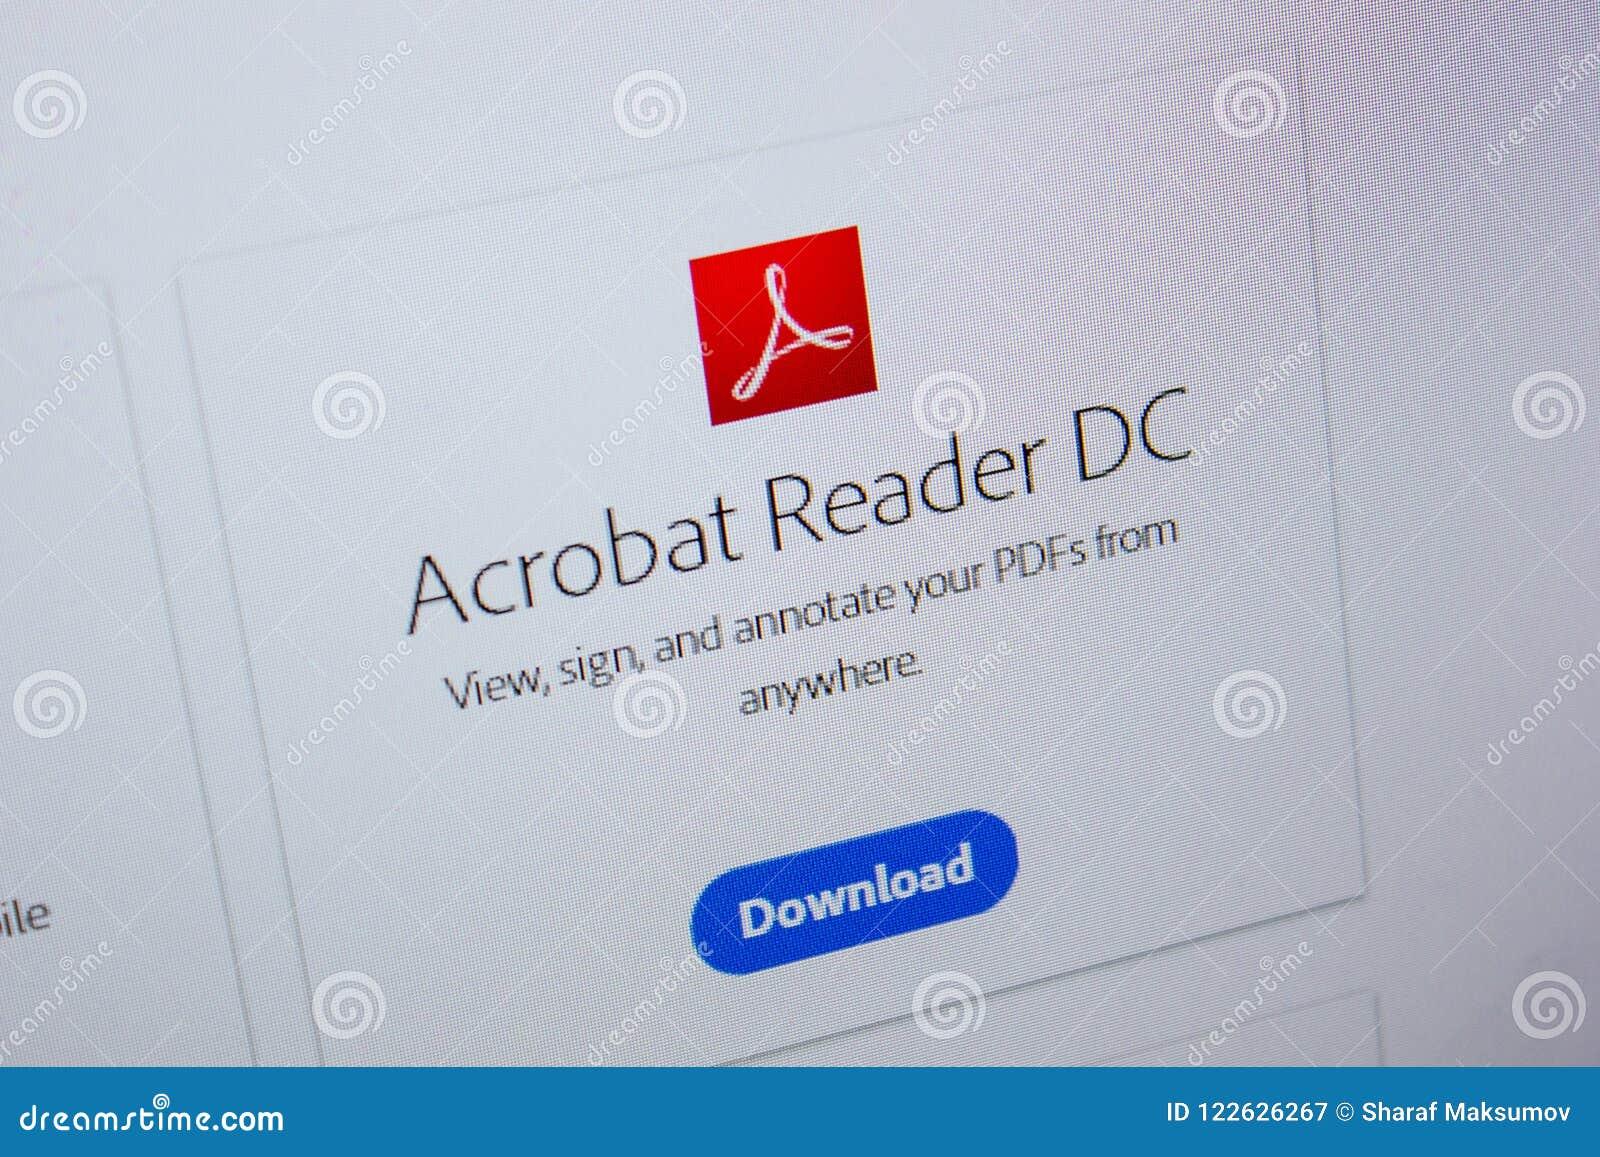 Скачать acrobat reader pdf.